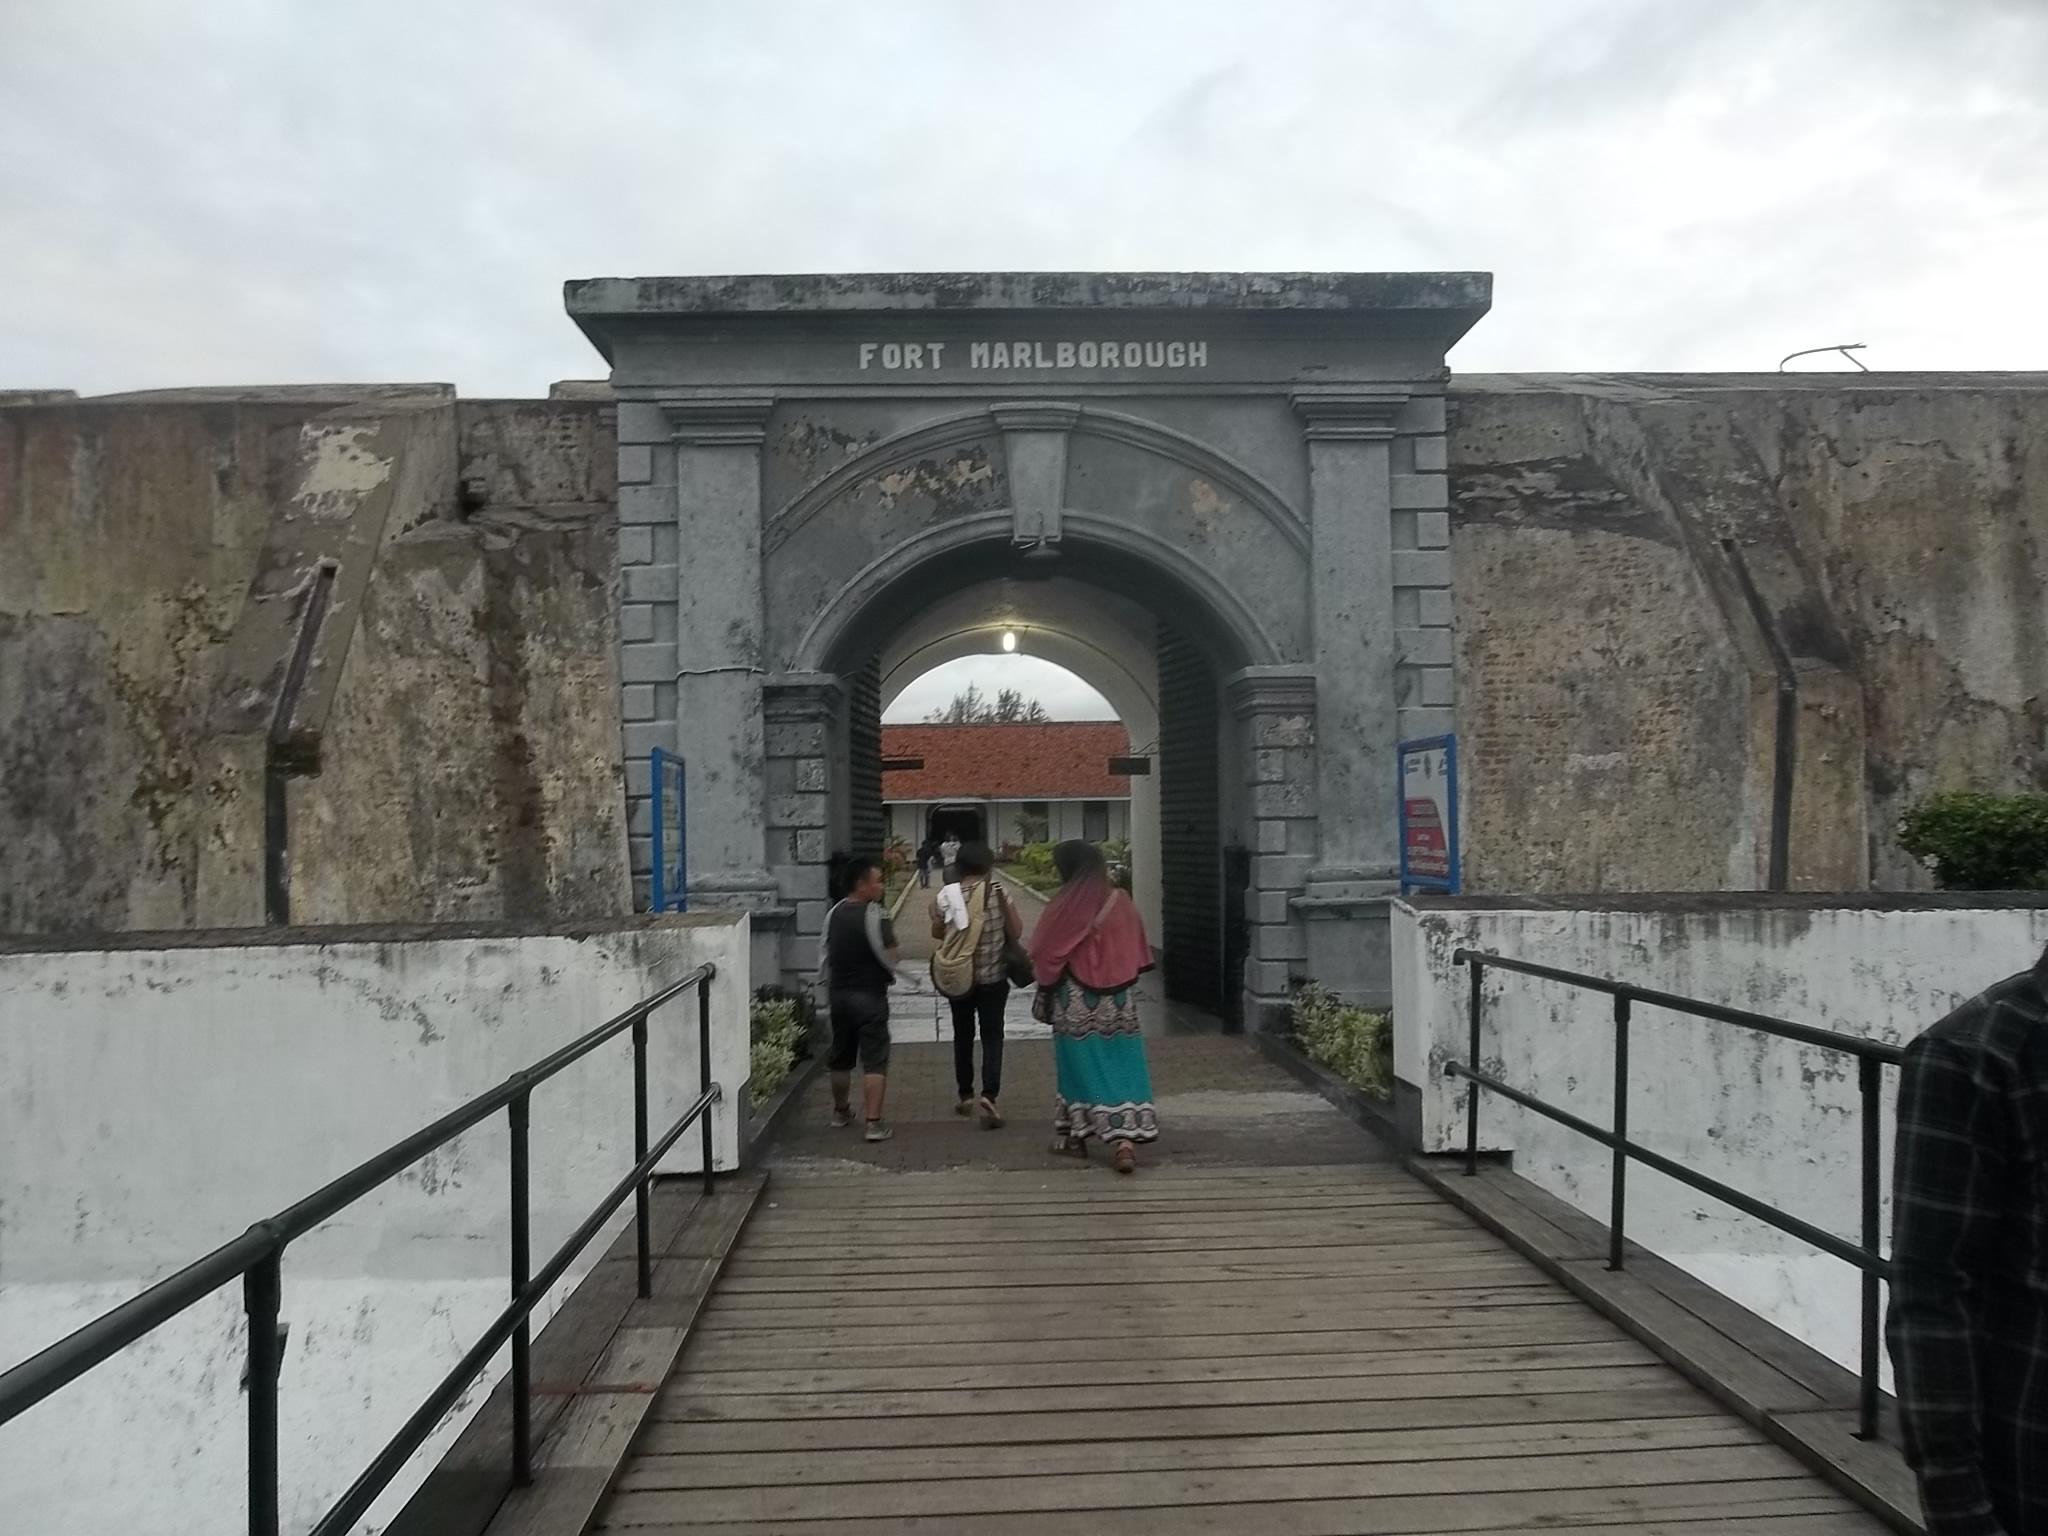 Fort Marlborough Cerita Lain Perjuangan Kemerdekaan Ri Oleh Wisnu Aj